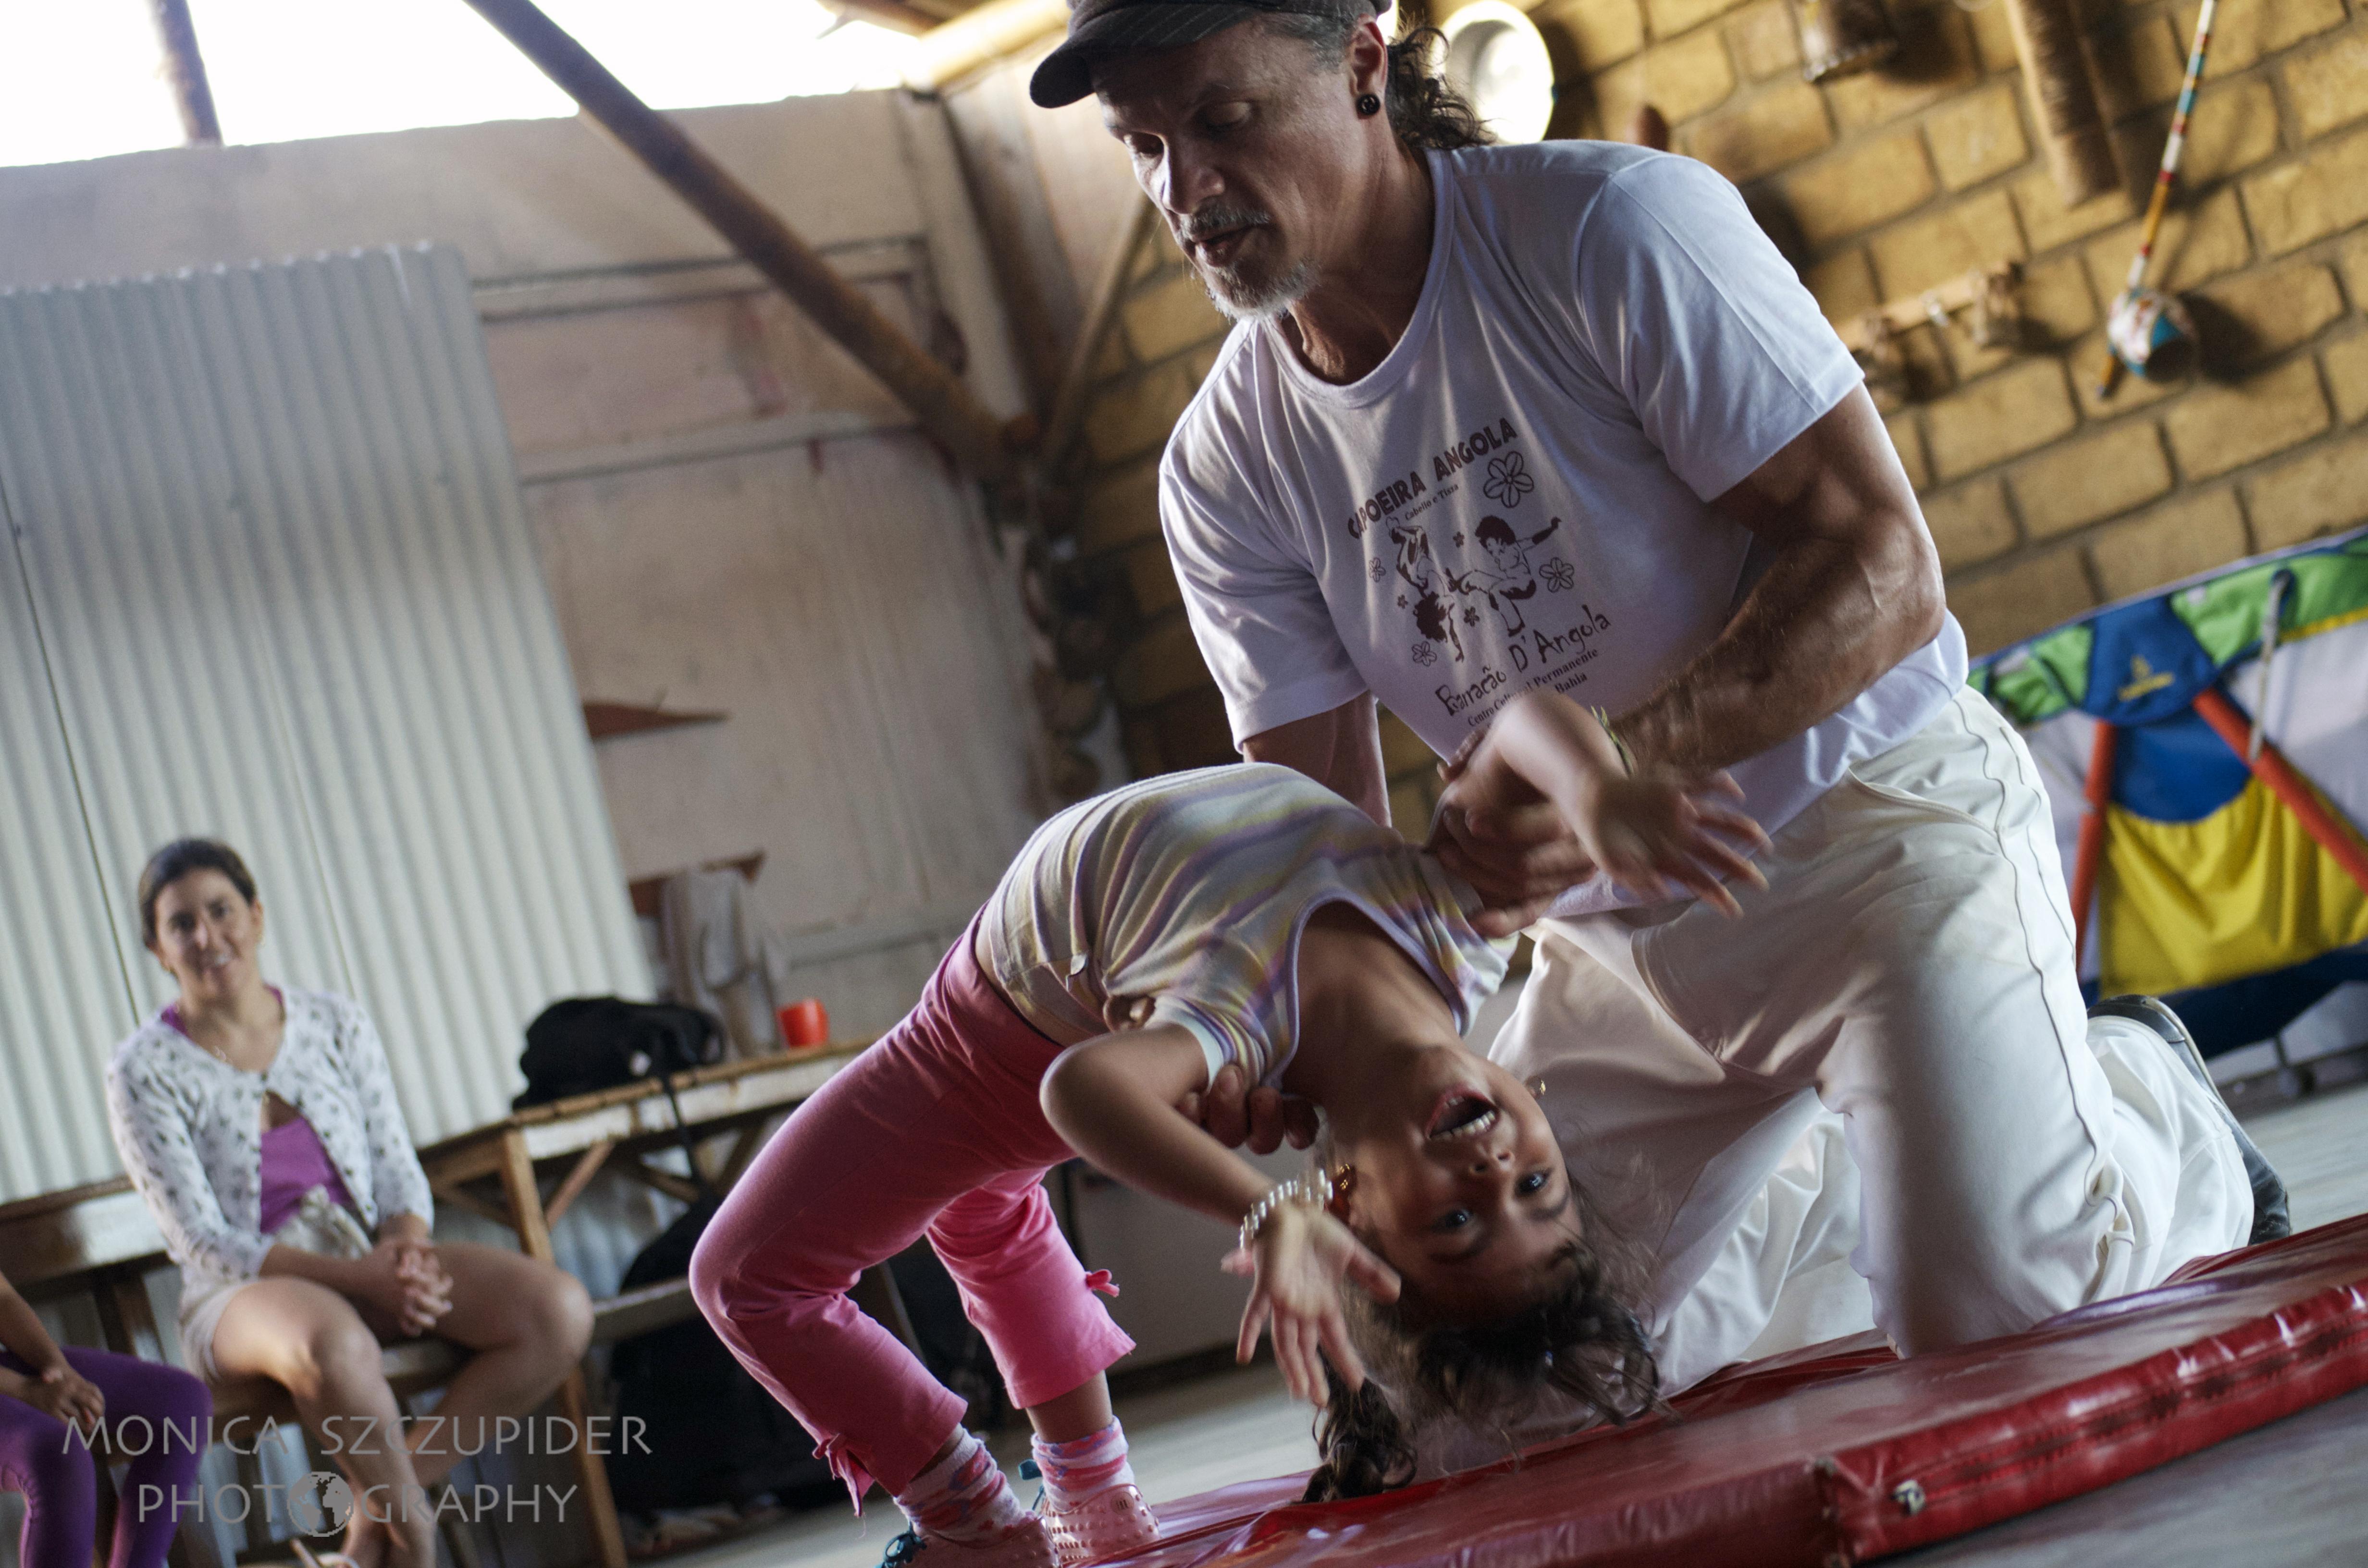 Aula de Capoeira Angola p crianças2 . Barracao